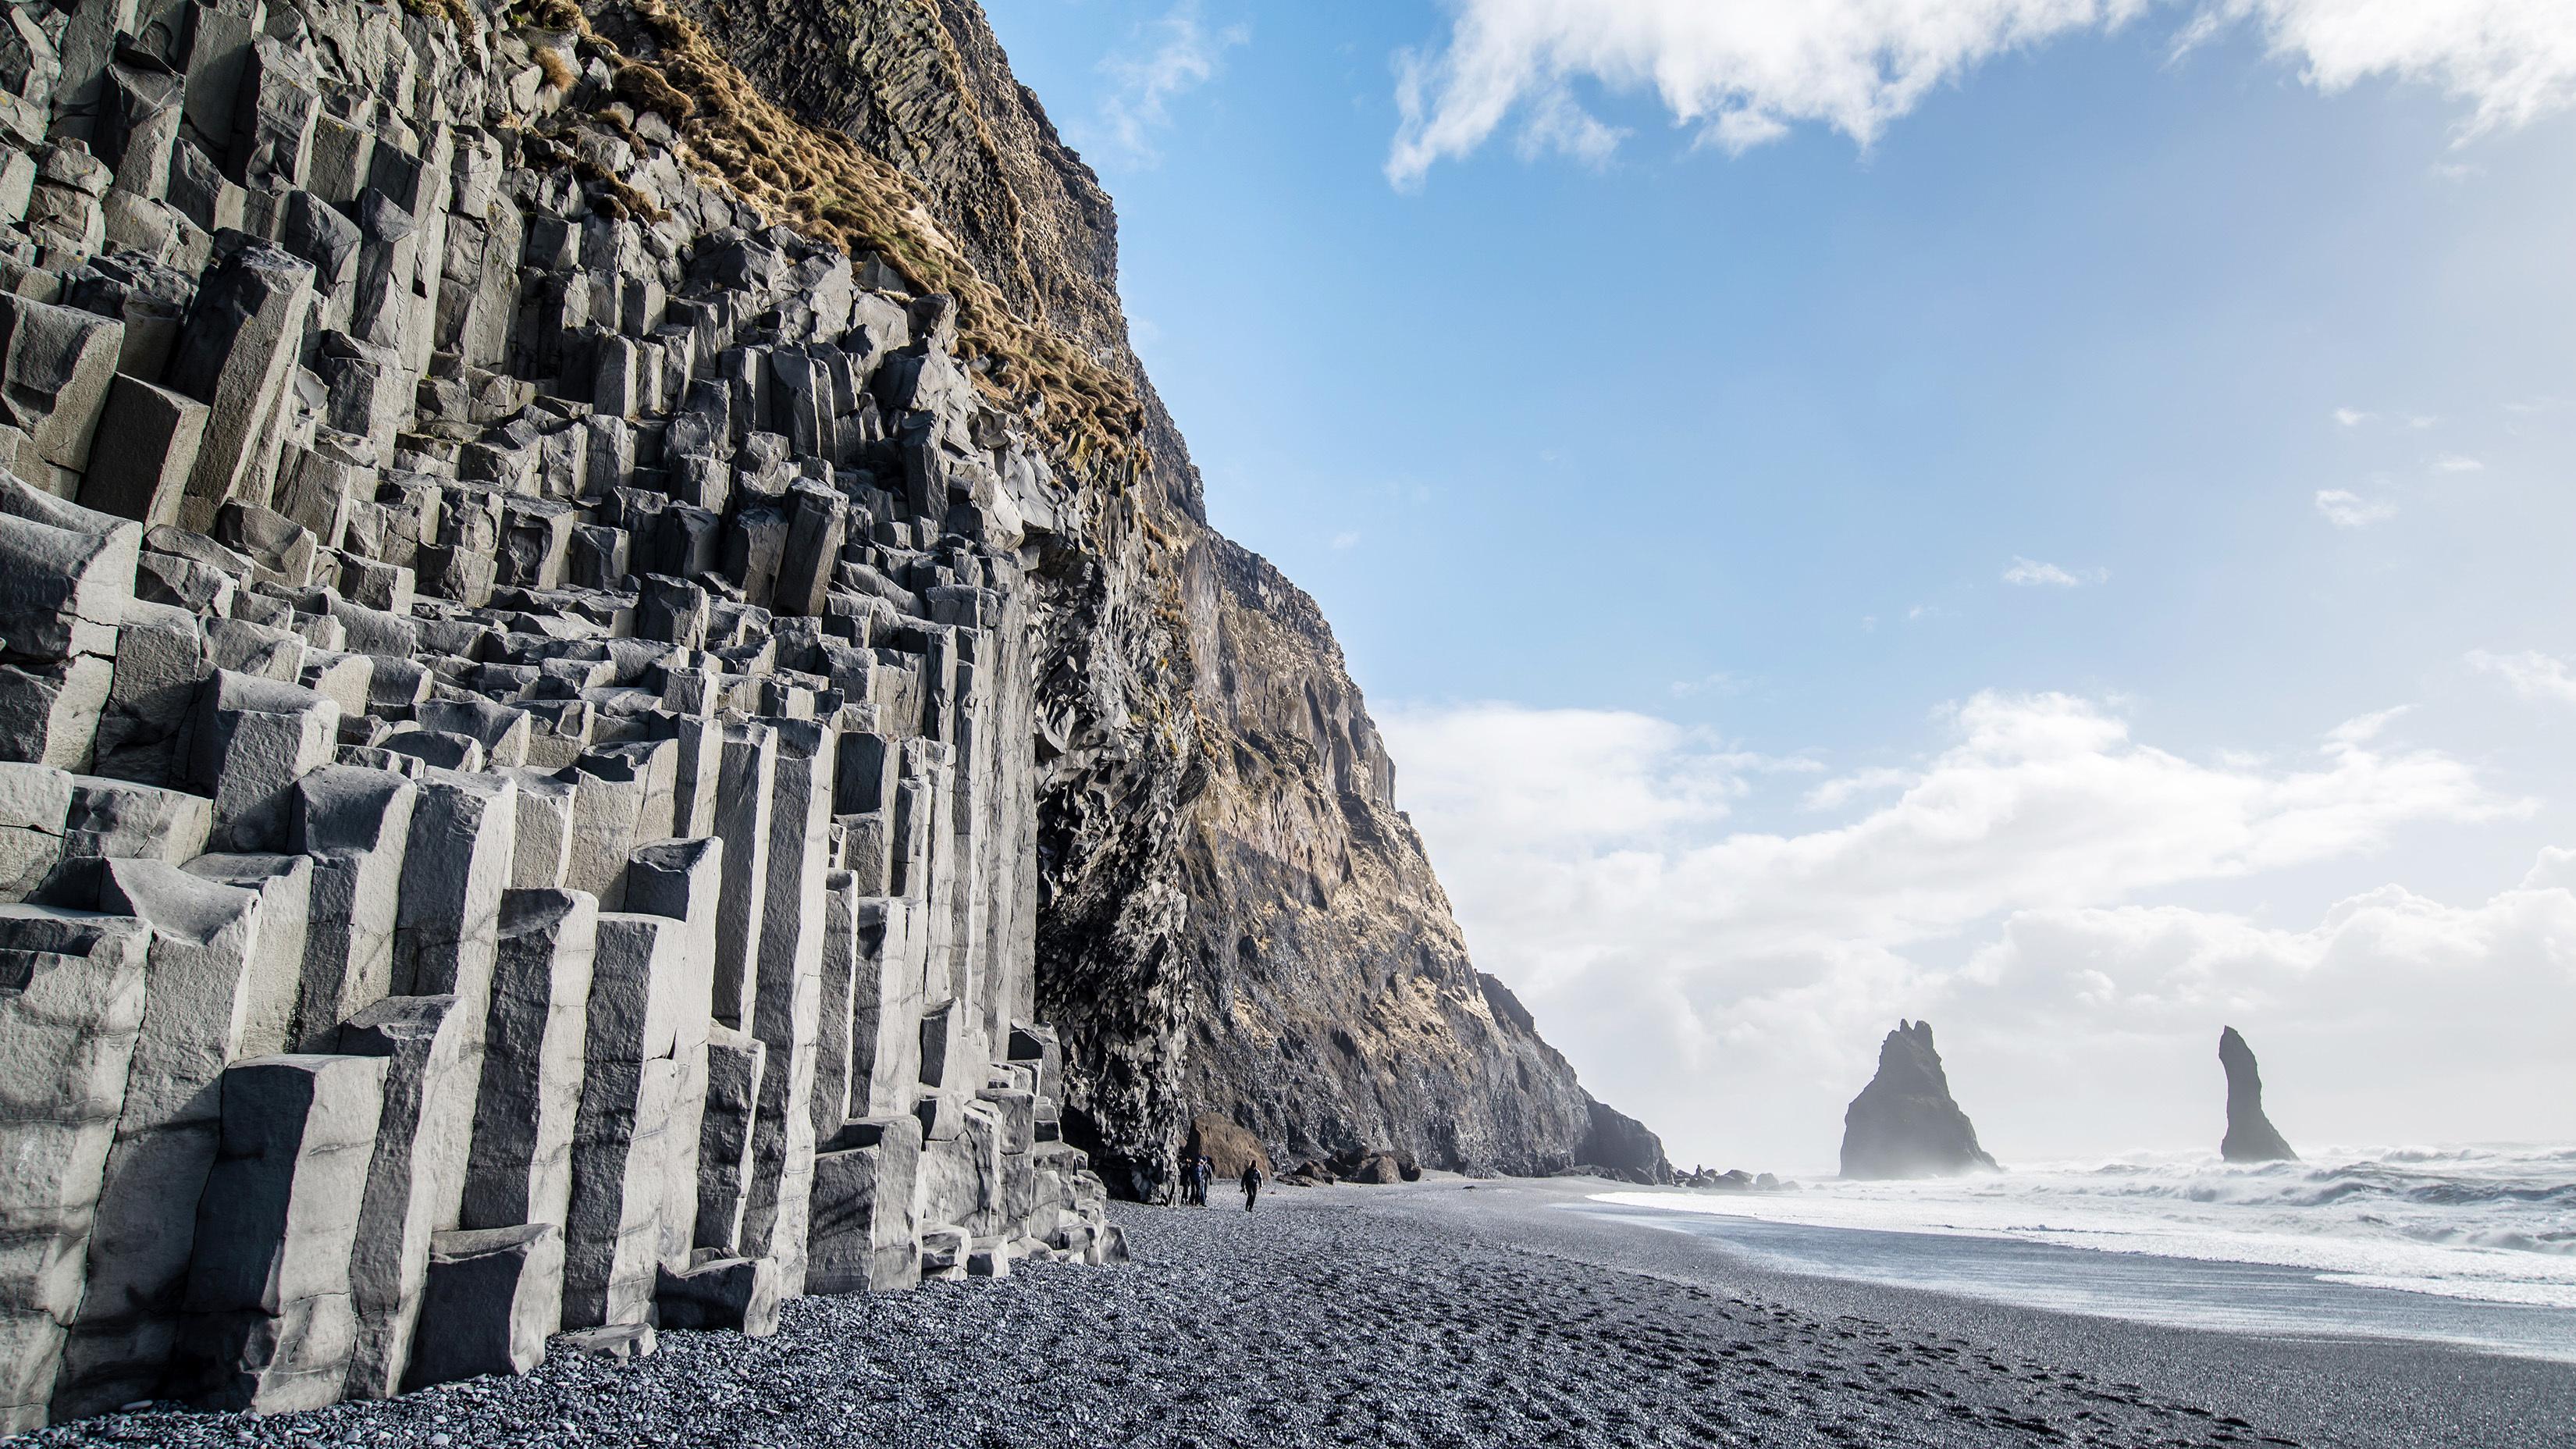 冰岛南岸黑沙滩的六棱玄武岩柱